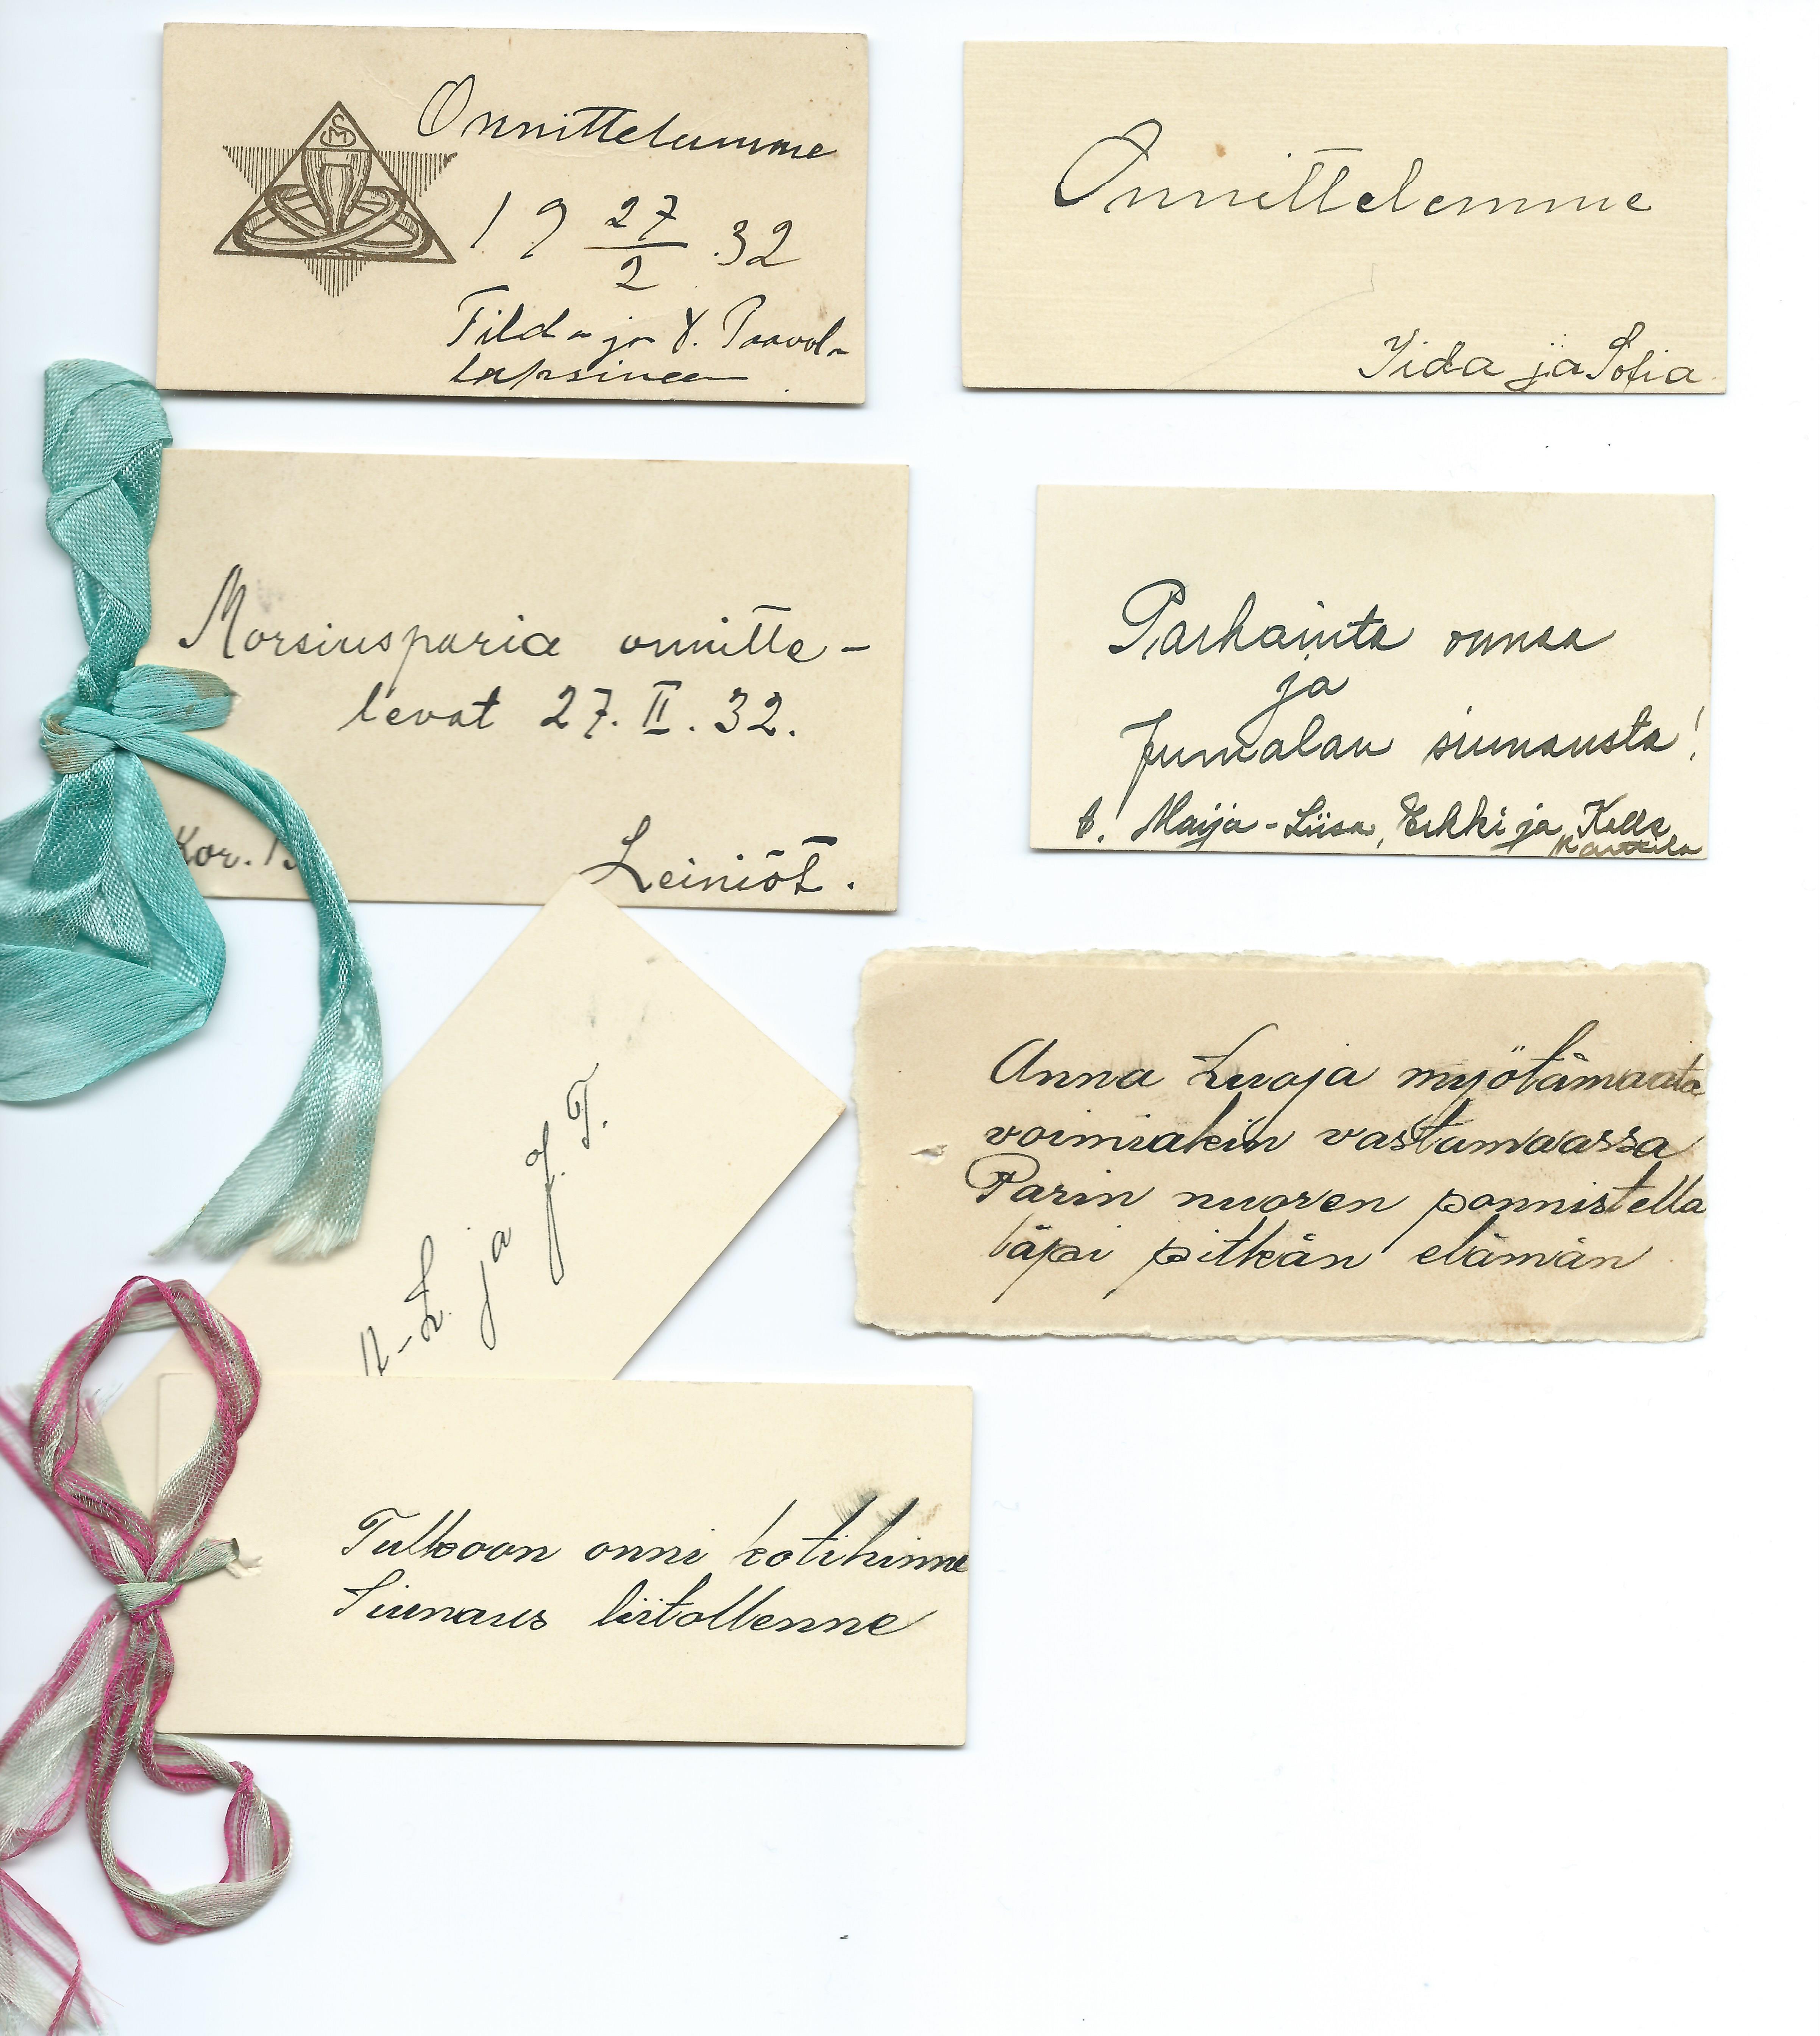 Haat_lahjalipukkeita 1932.